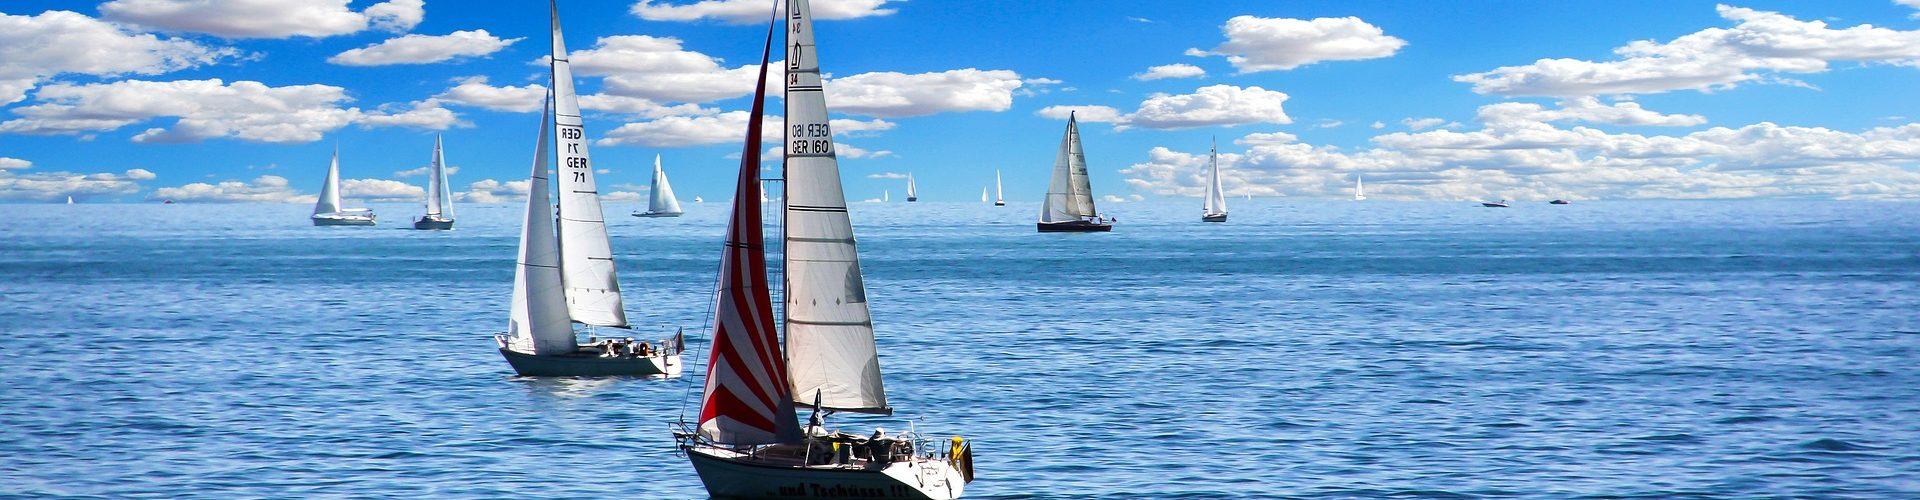 segeln lernen in Algermissen segelschein machen in Algermissen 1920x500 - Segeln lernen in Algermissen